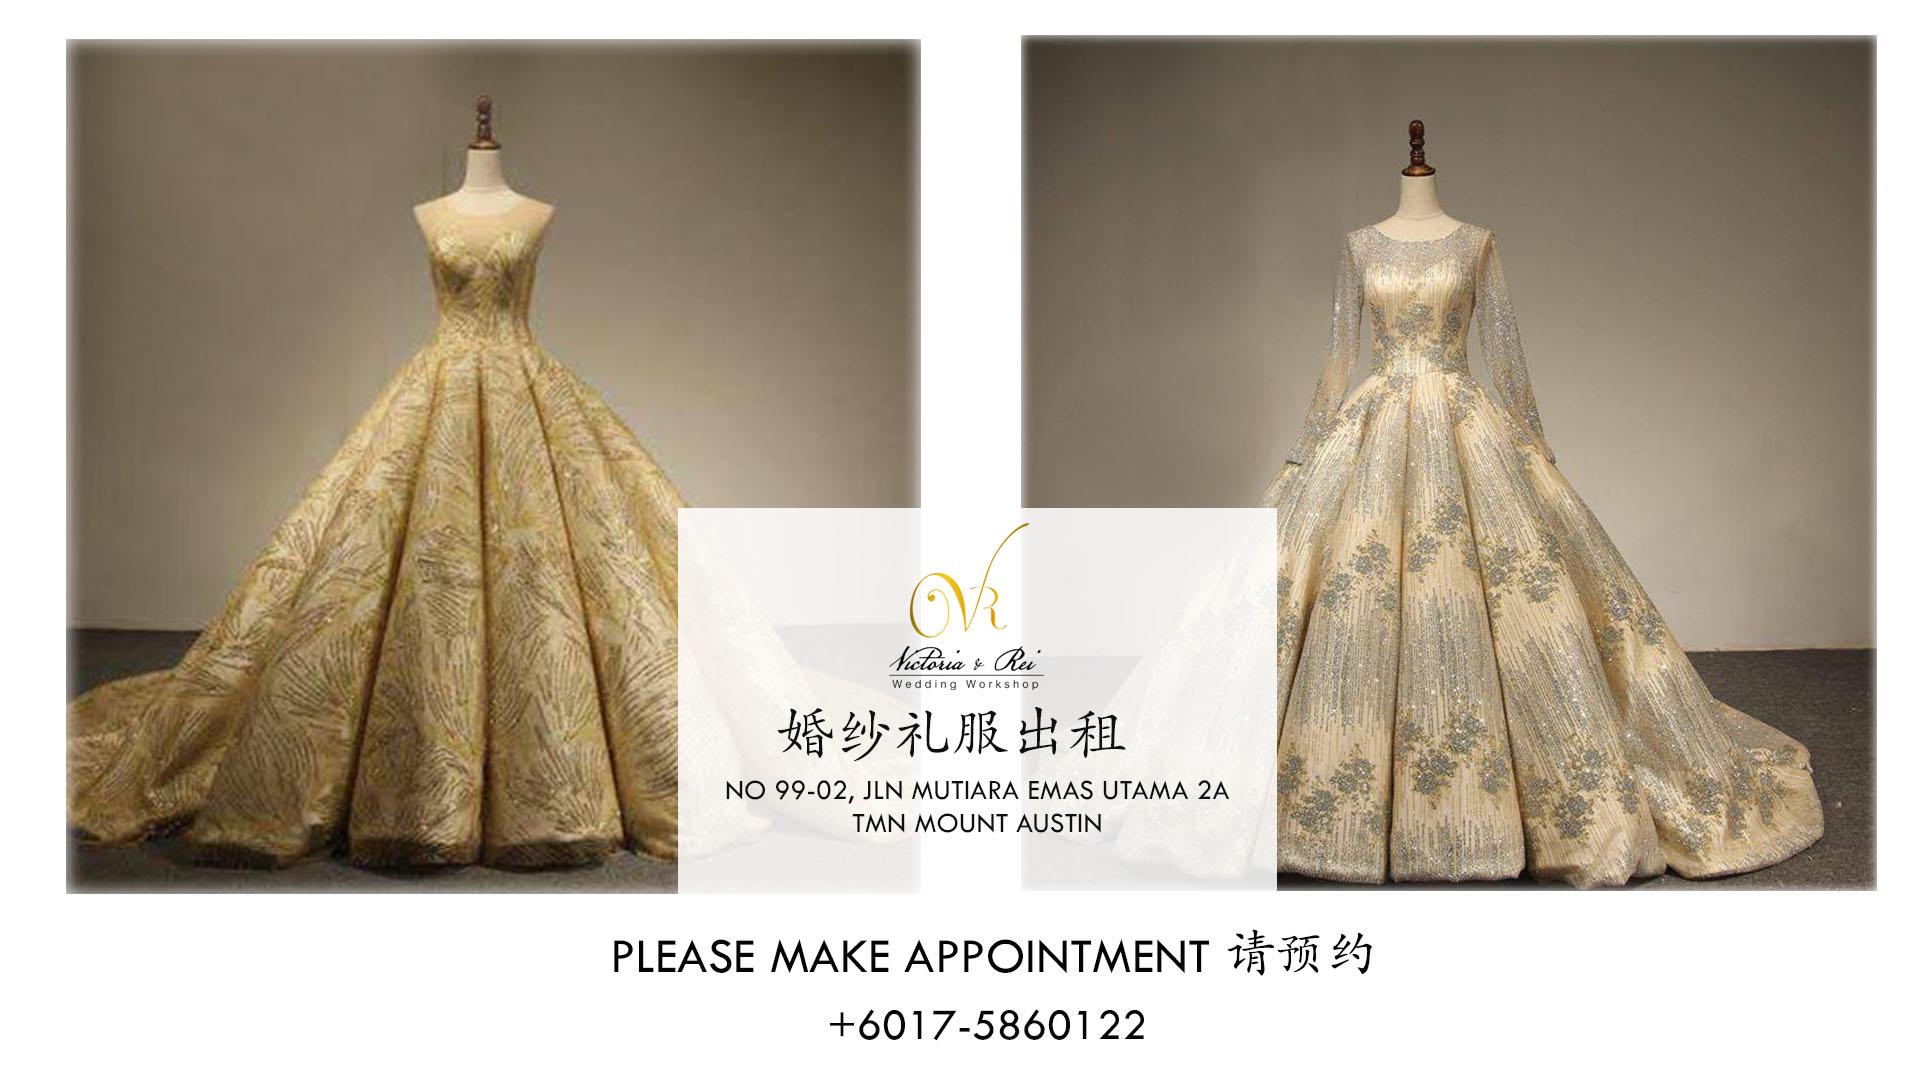 Victoria & Rei Wedding Workshop